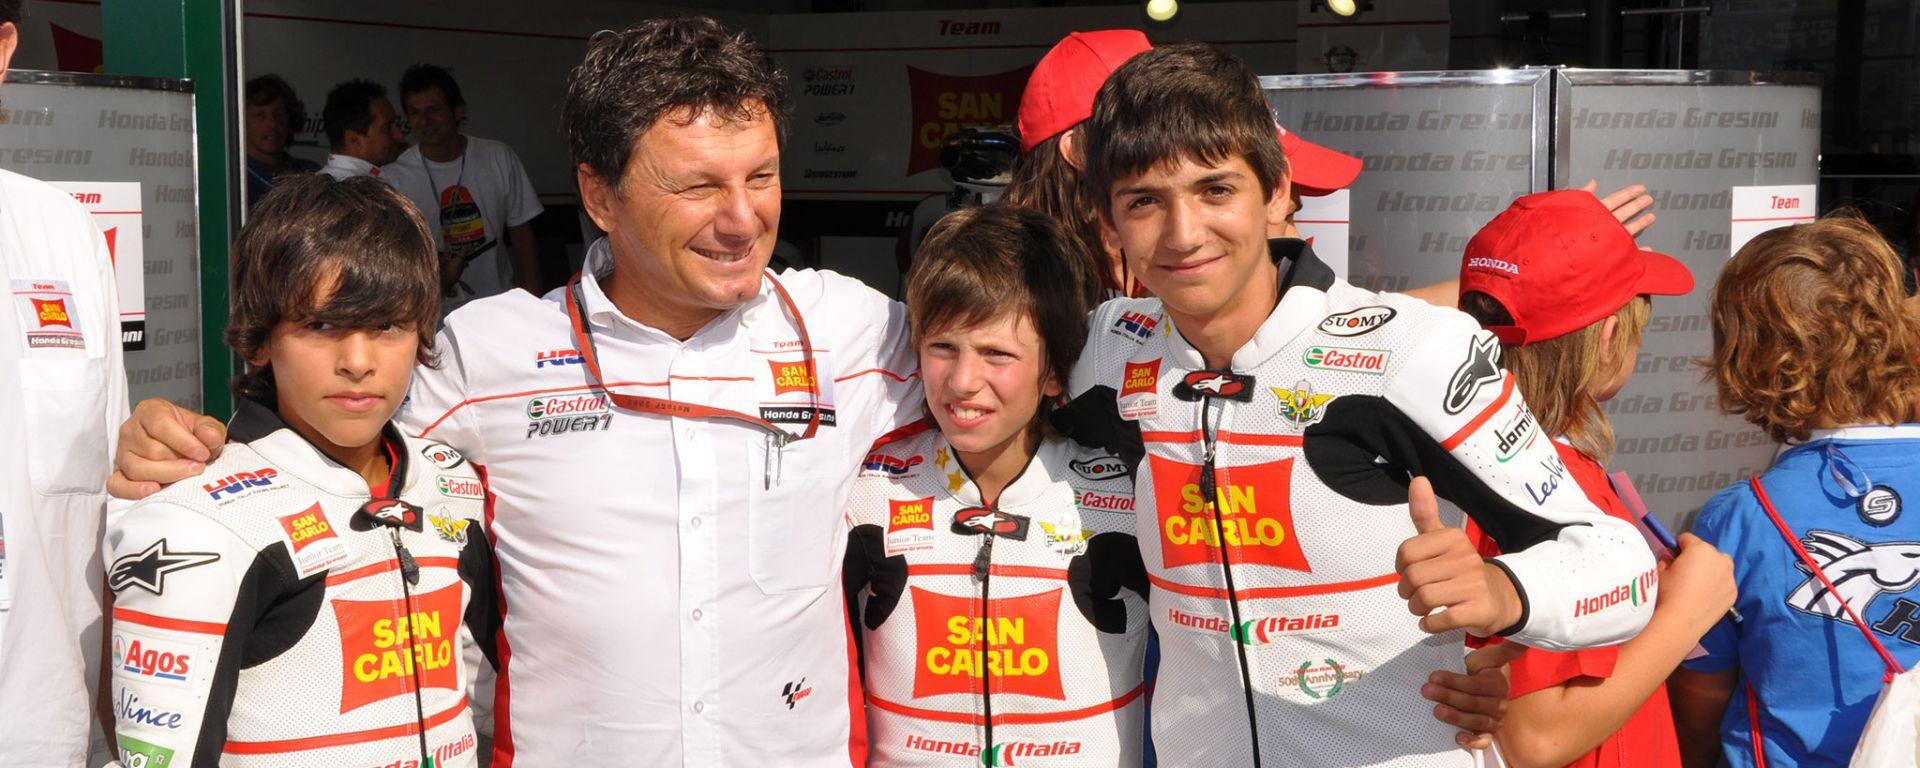 Fausto Gresini a fianco dei ragazzi dell'HIRP